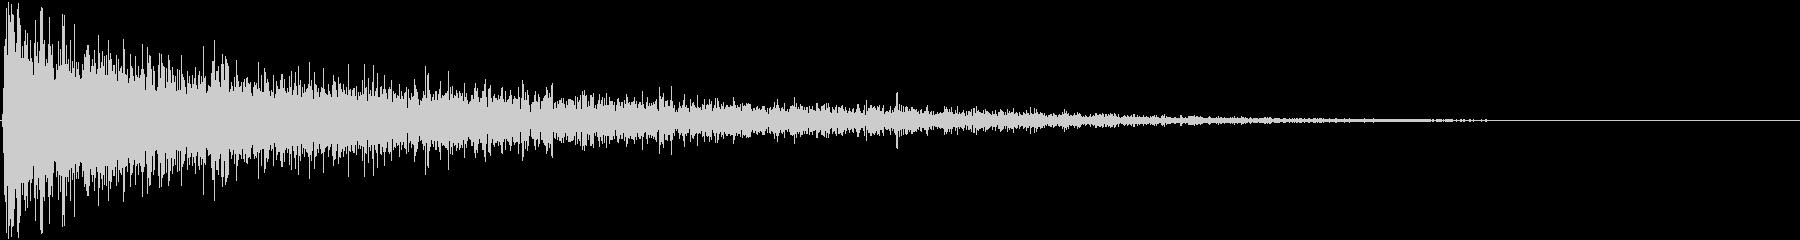 ガーン3(ピアノを打ち付ける低い音)の未再生の波形